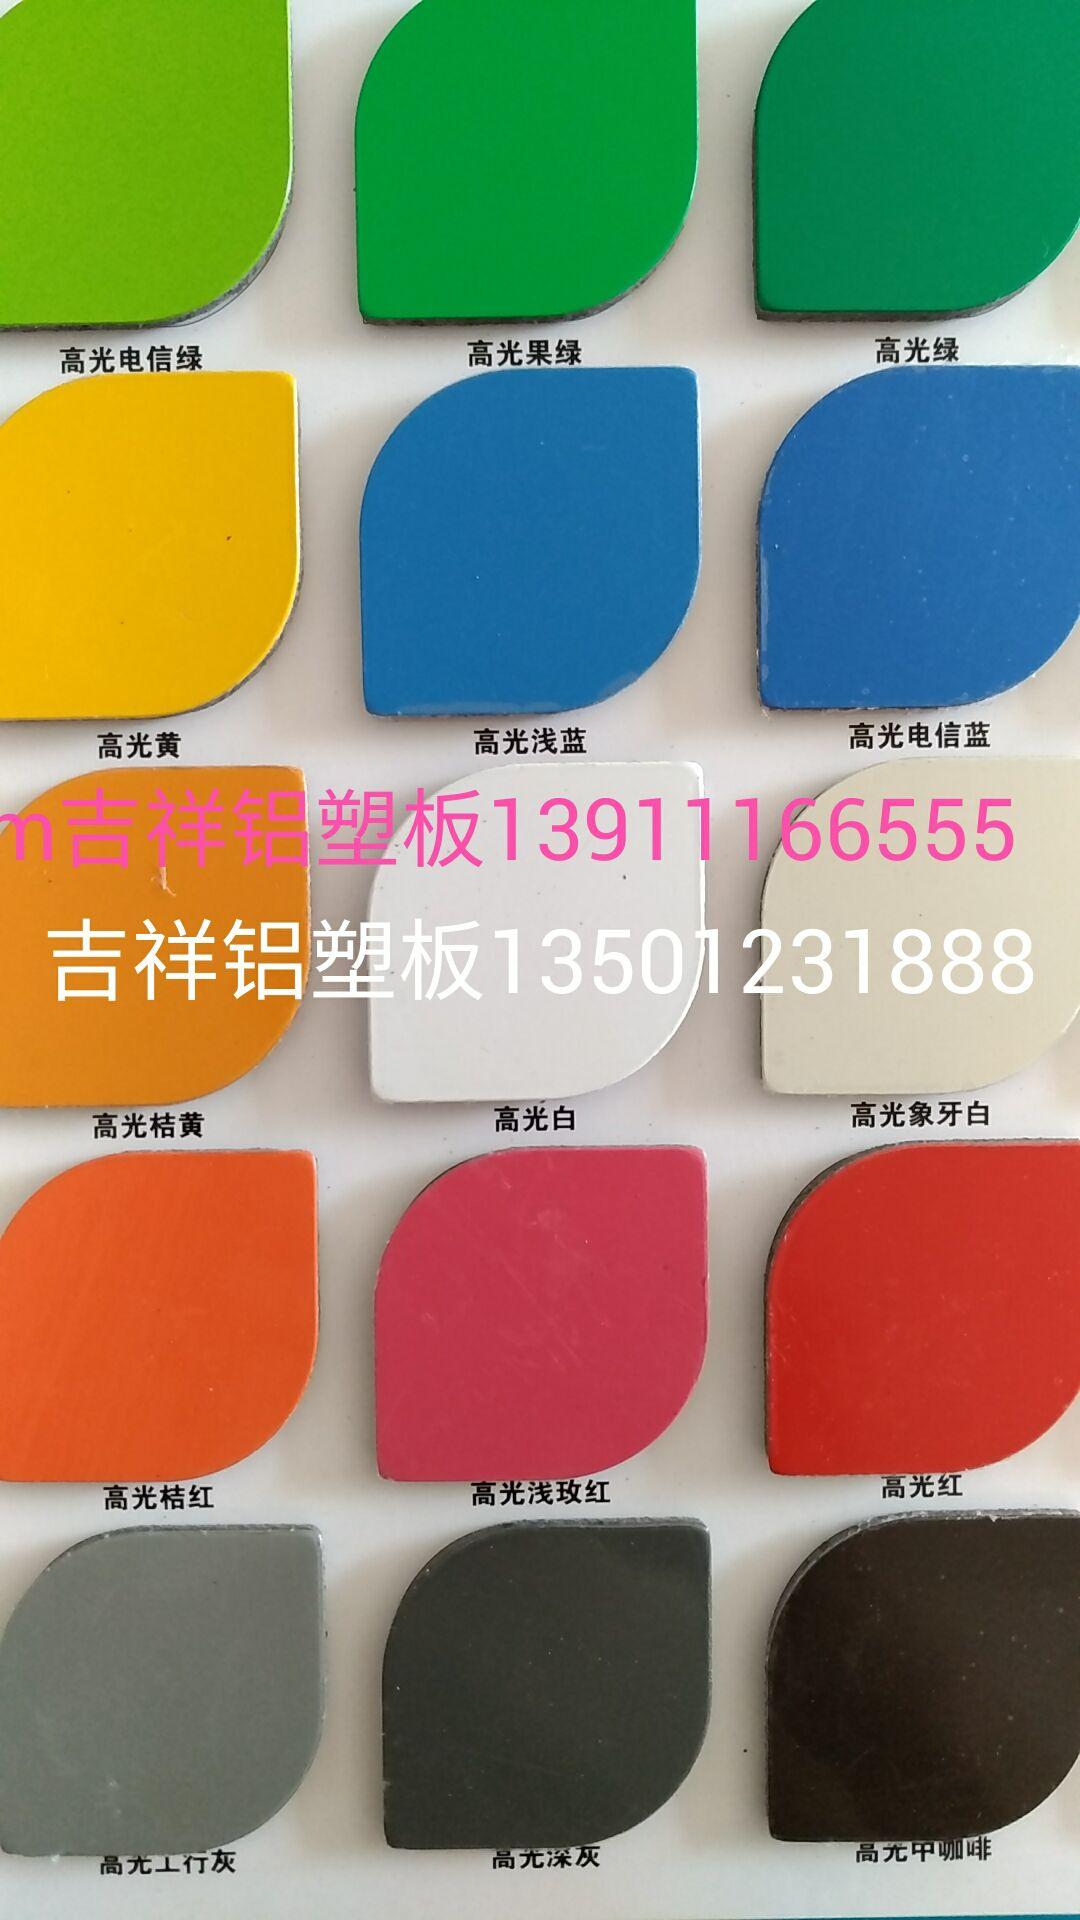 临沂铝塑板厂家,上海吉祥铝塑板销售部